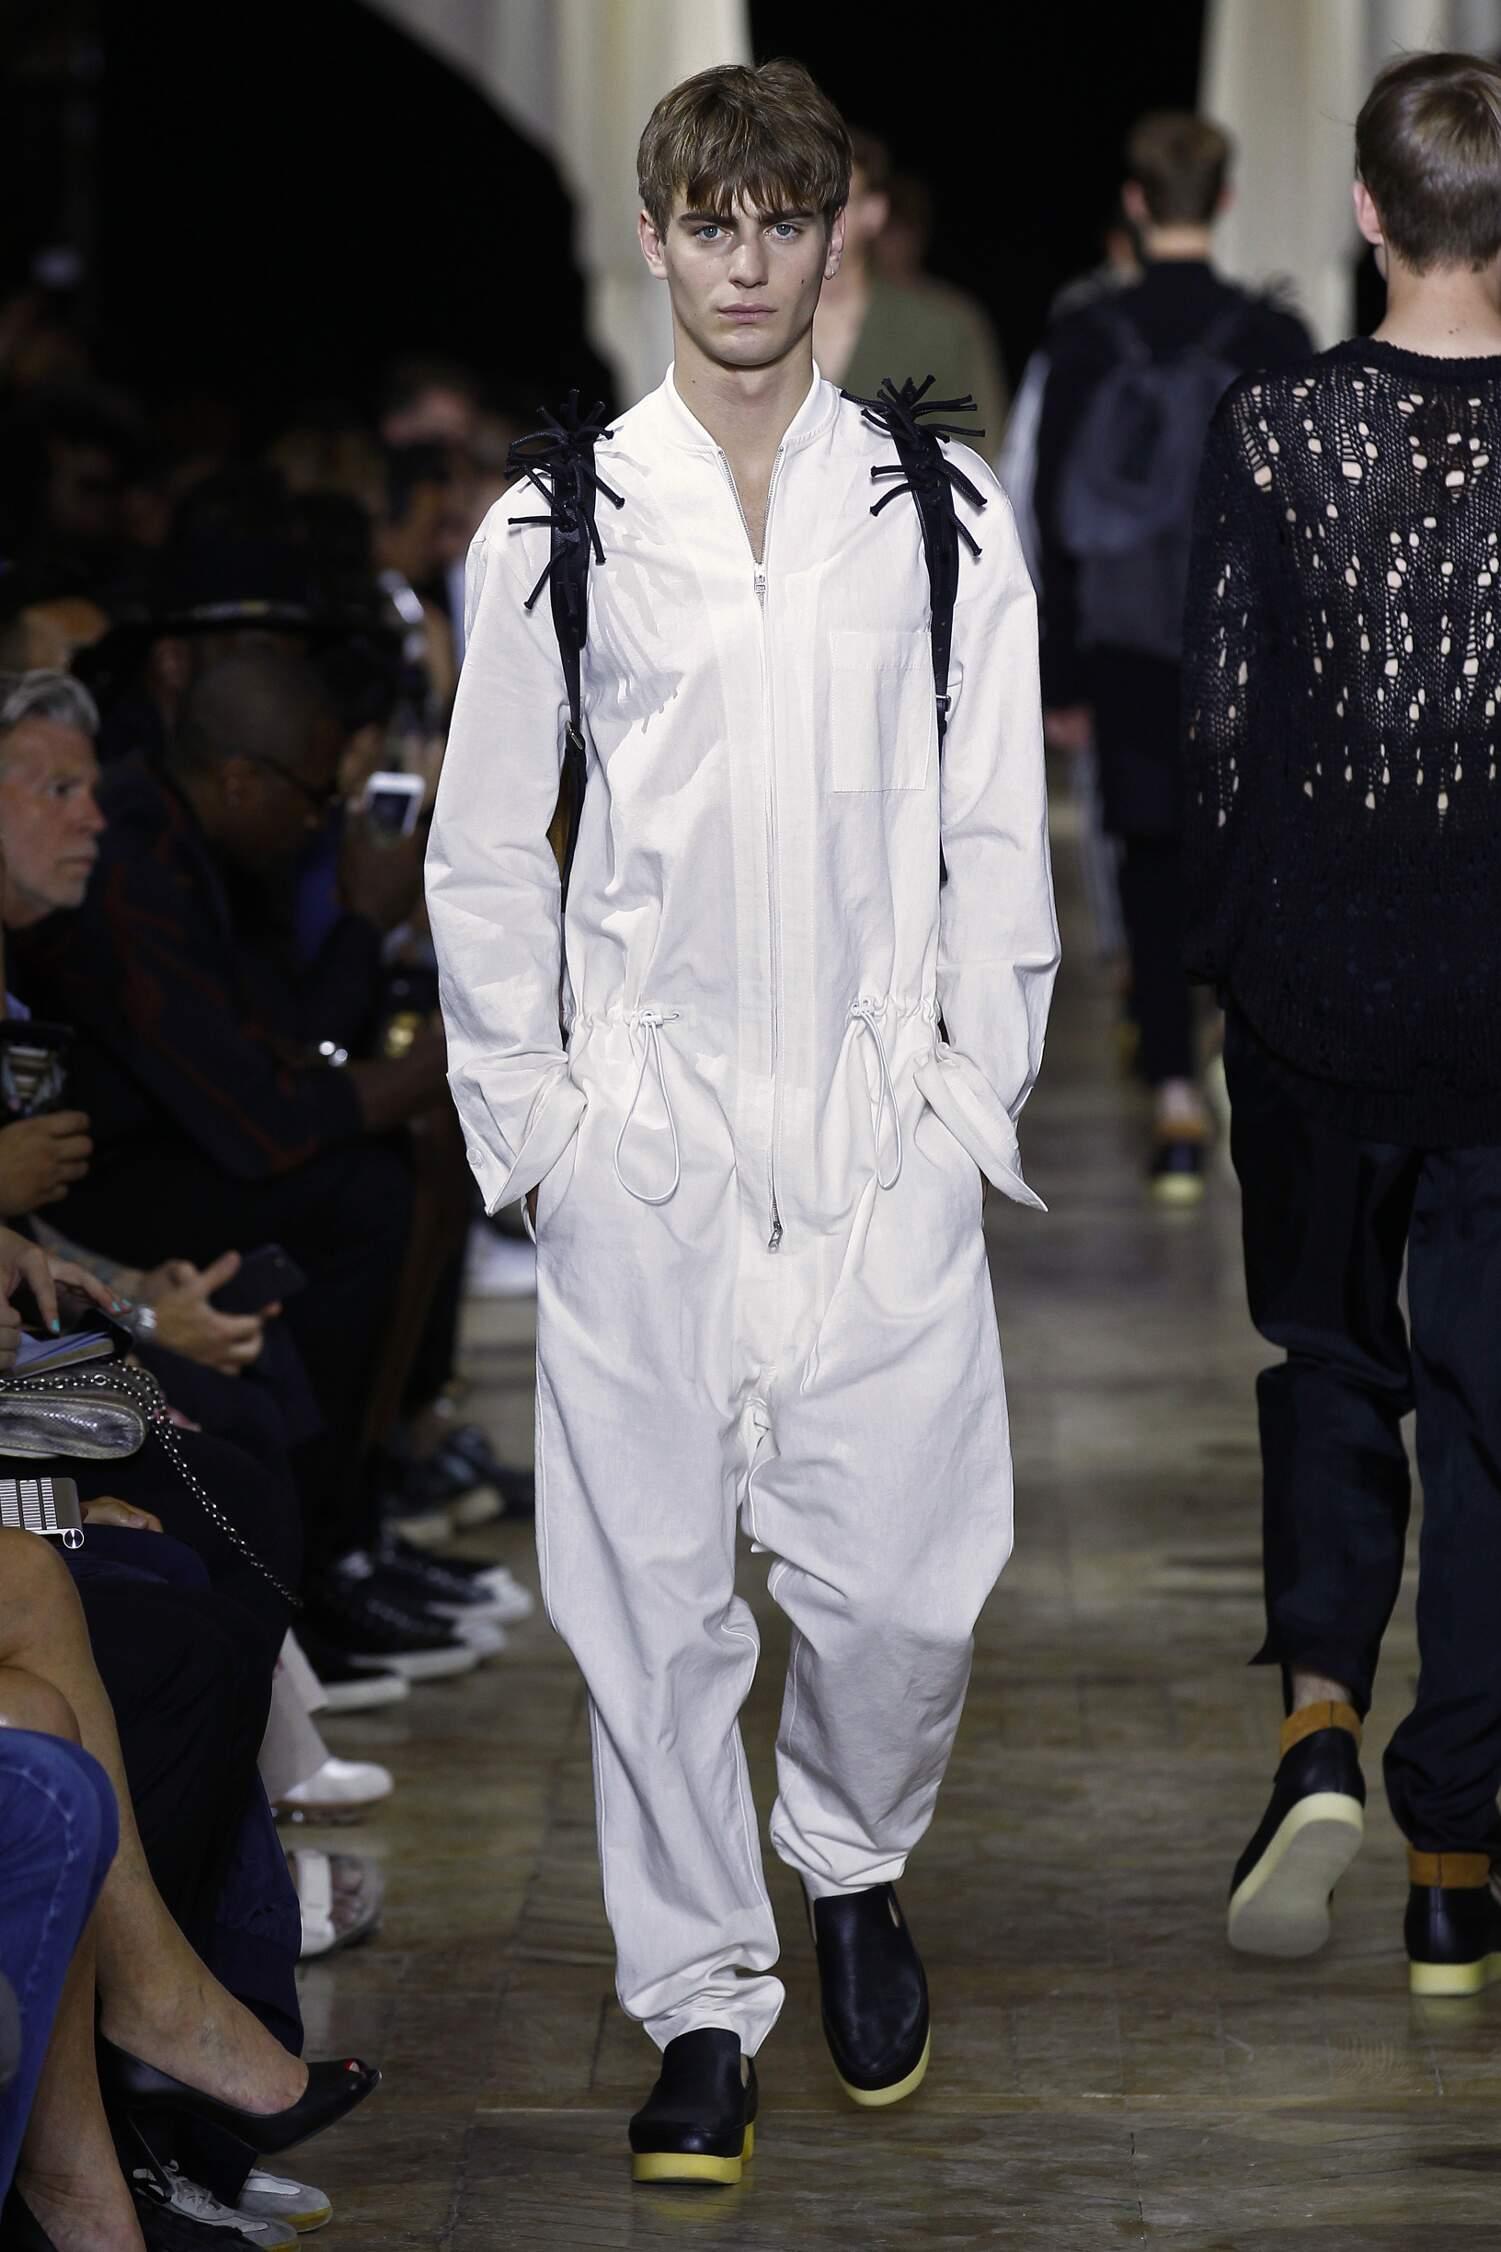 Catwalk Phillip Lim Menswear Collection Summer 2016